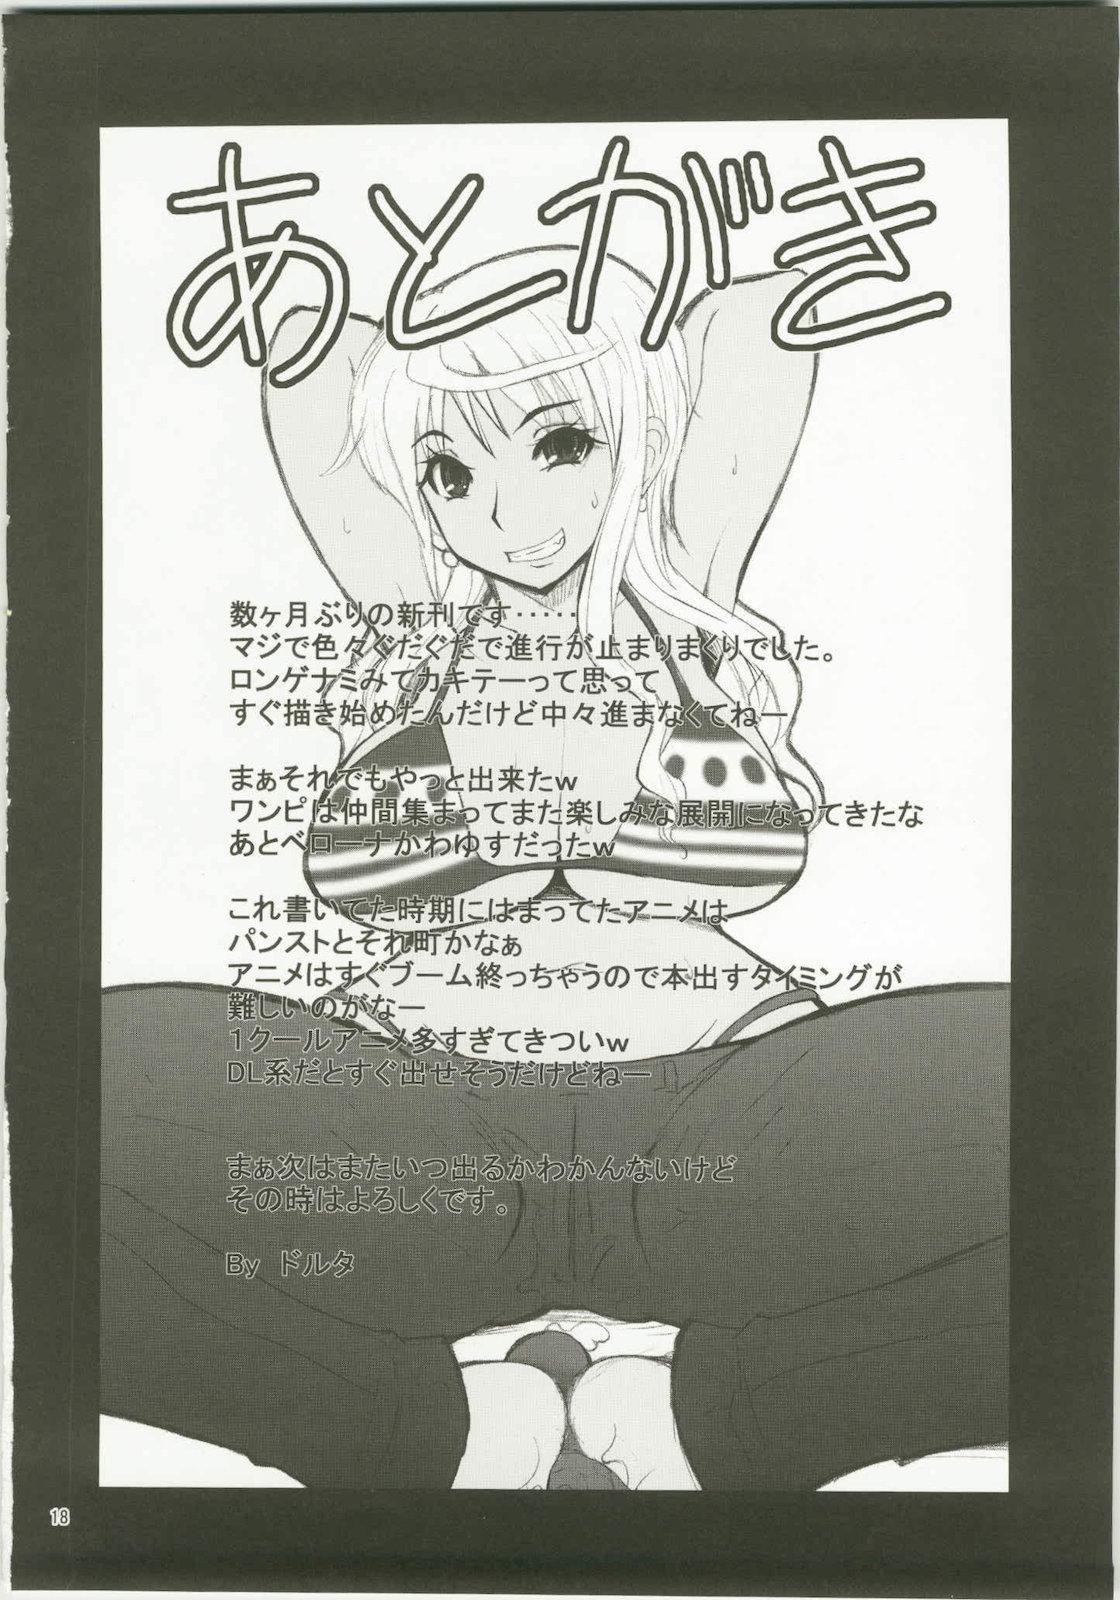 LNR - Love Nami Return 17